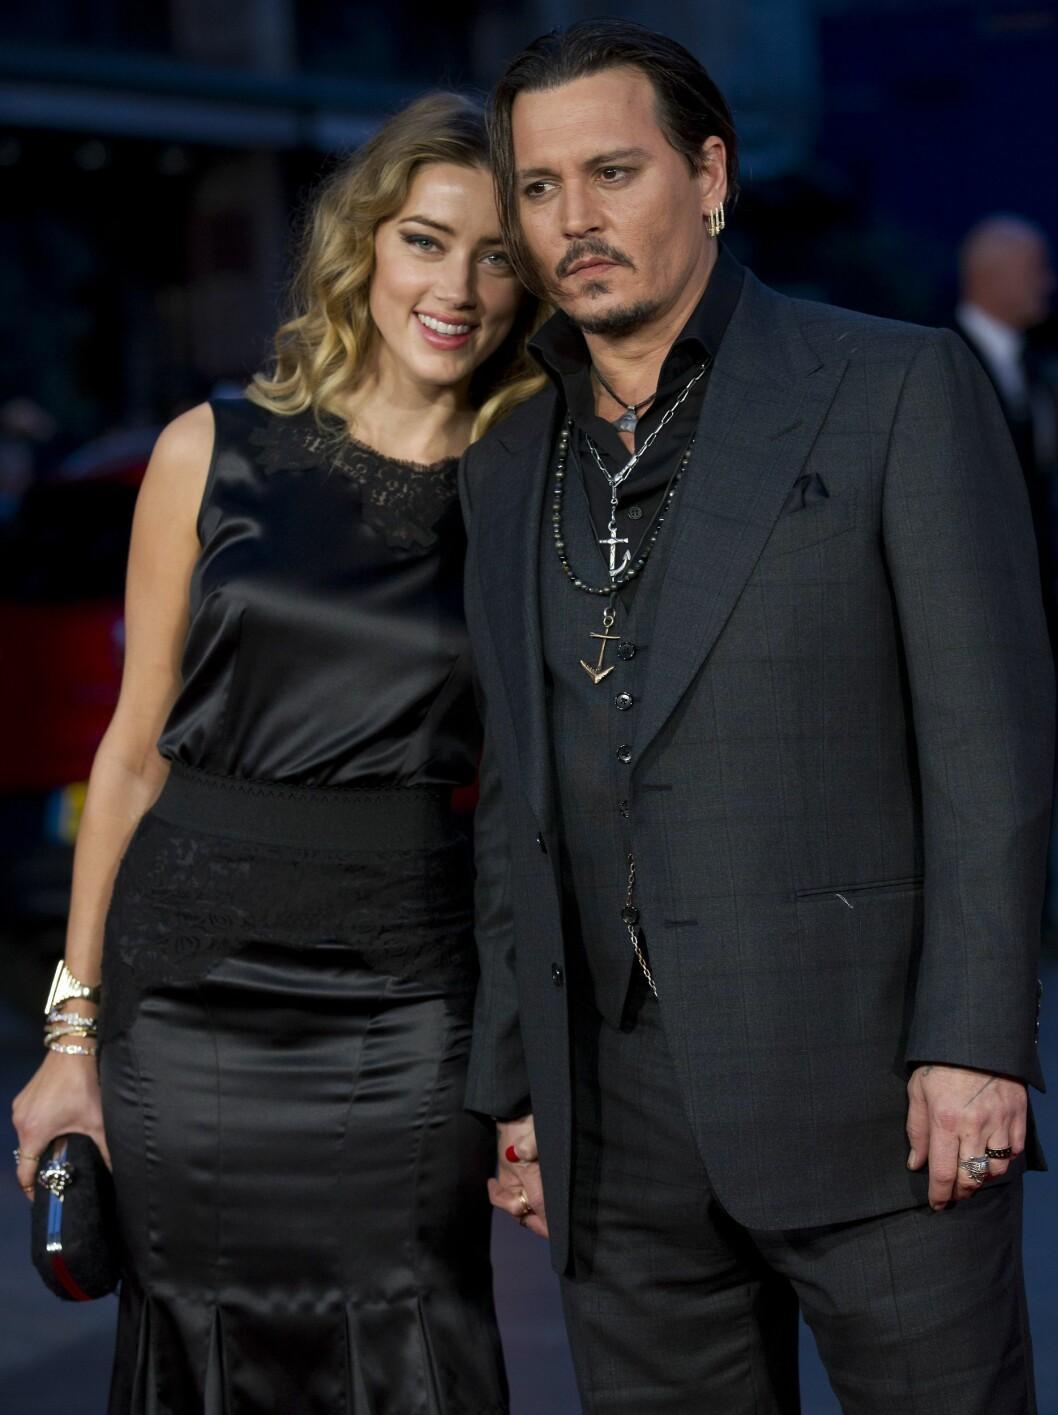 BENEKTER BRUDD: Ryktene om et brudd har sirkulert rundt paret den siste måneden, men Amber og Johnny viser seg stadig hånd i hånd på filmpremierer.  Foto: Afp